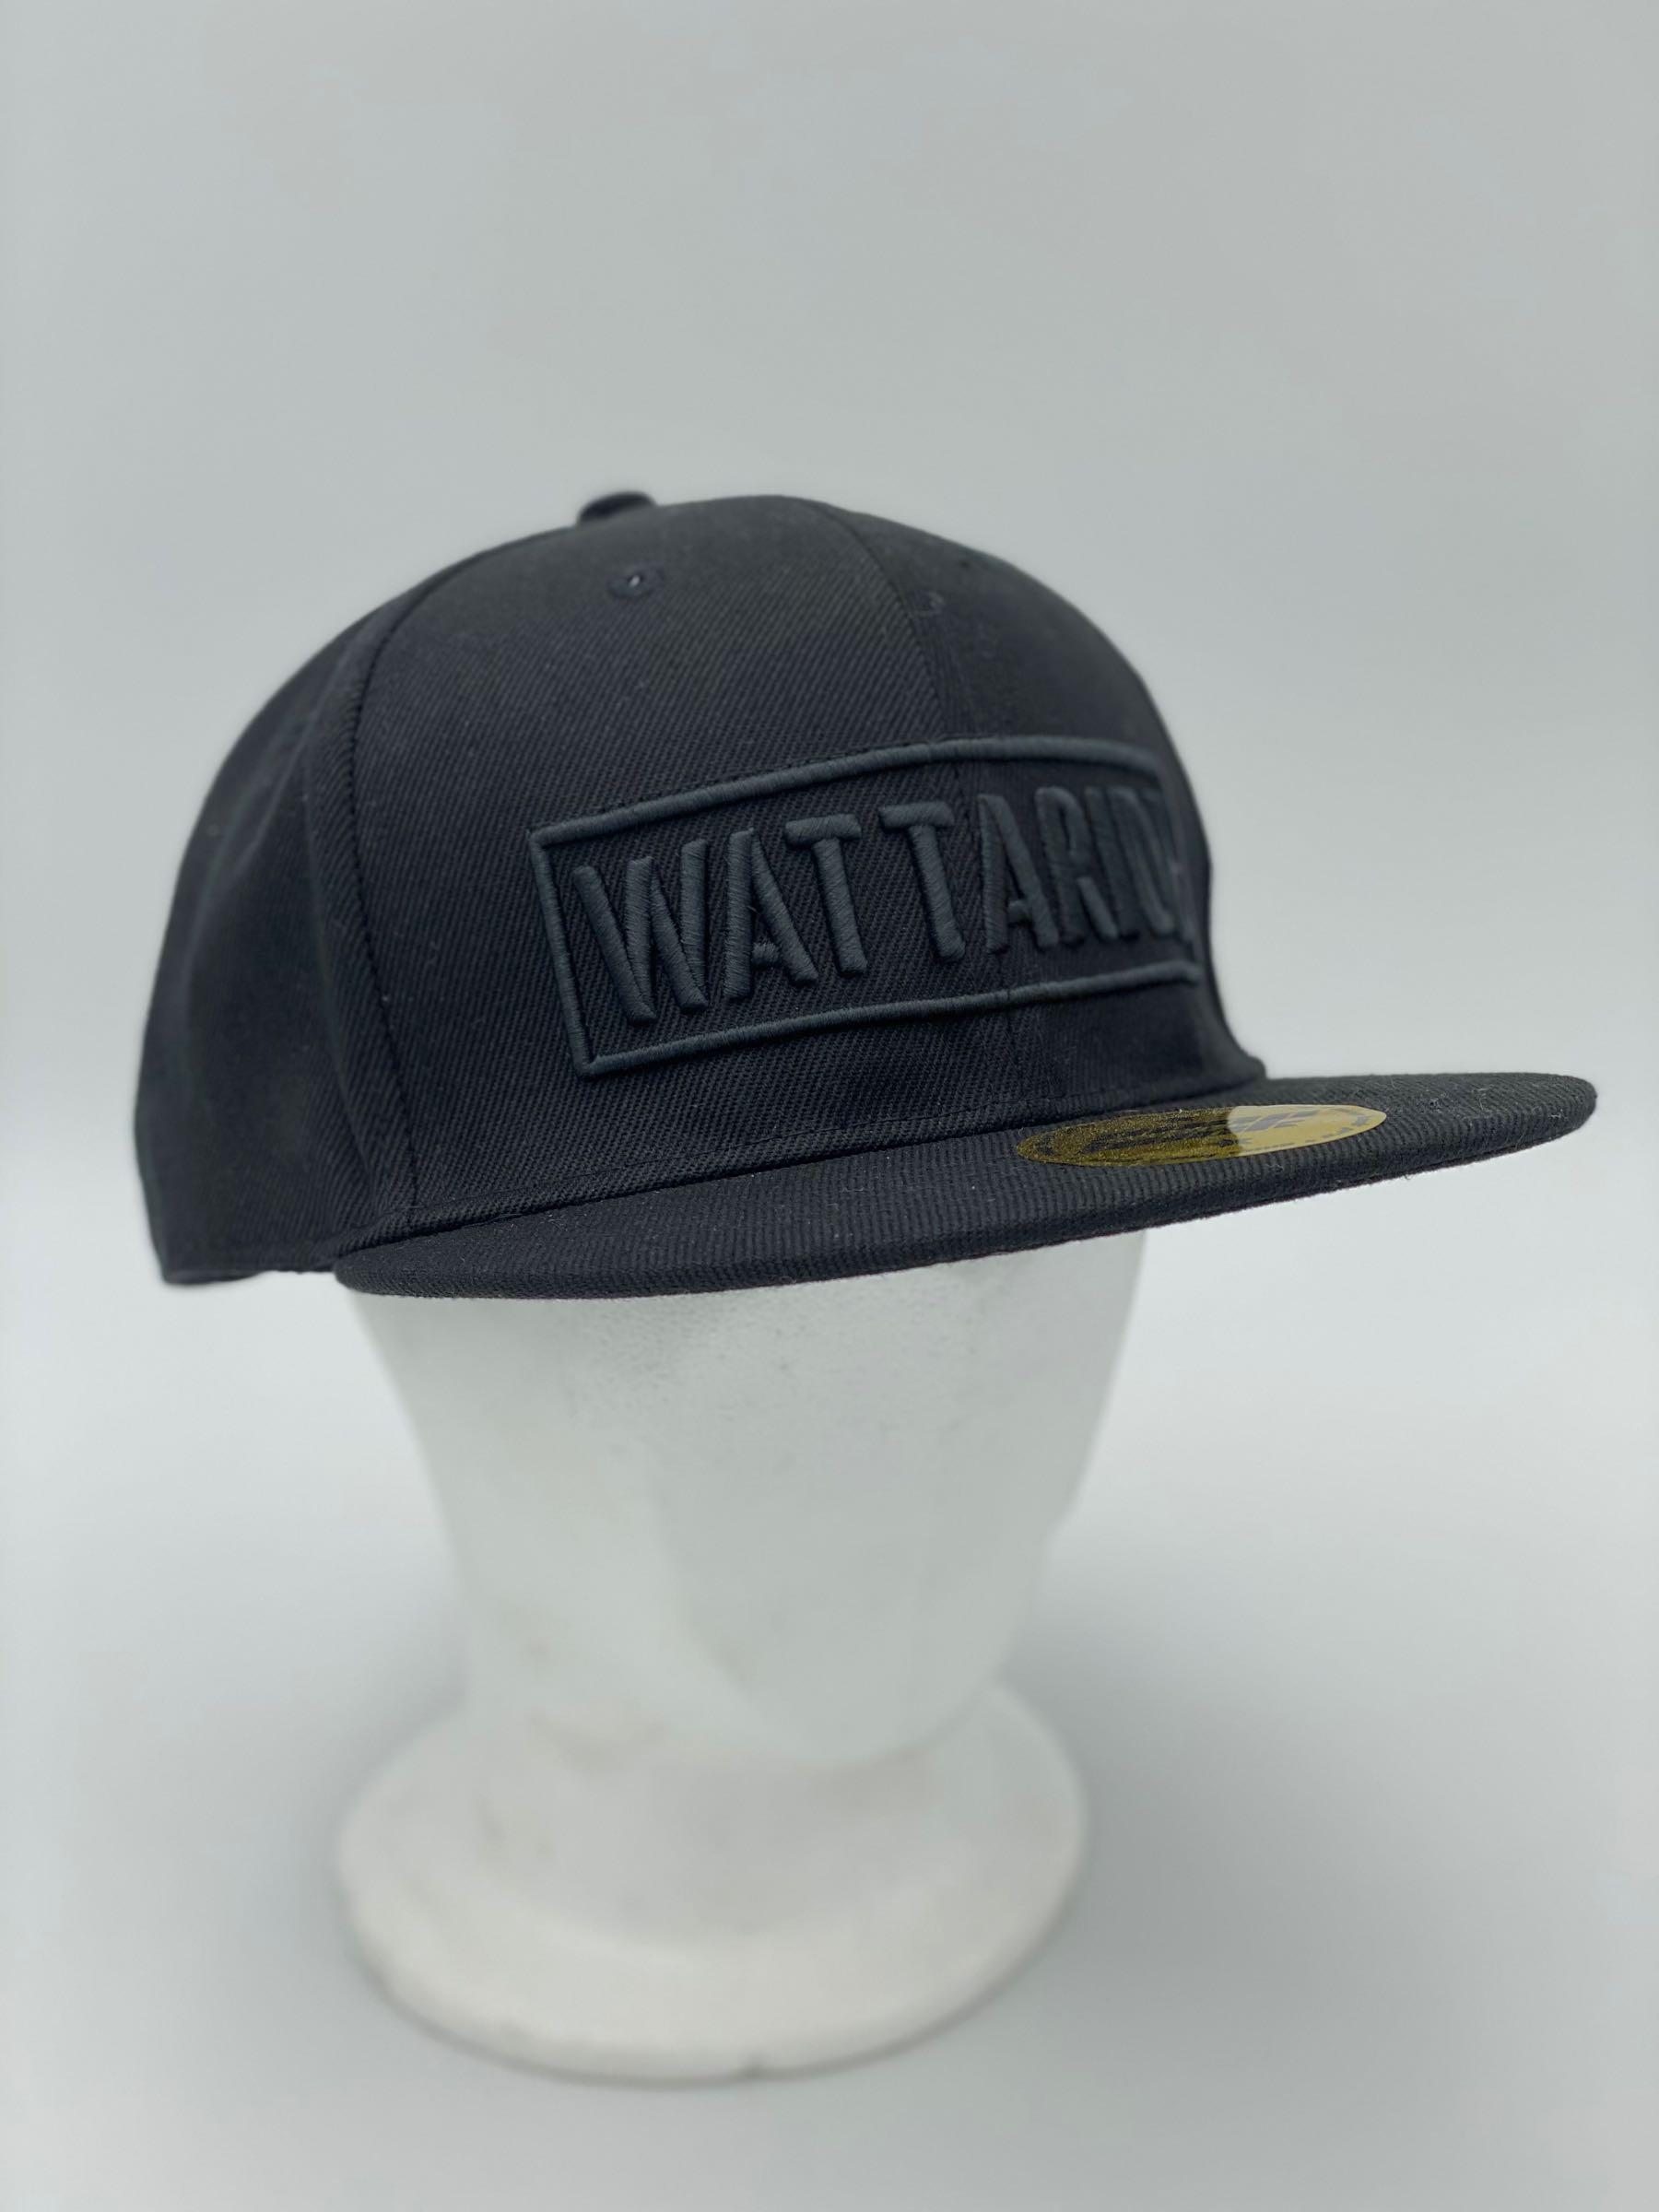 Watta cap SVART svart text